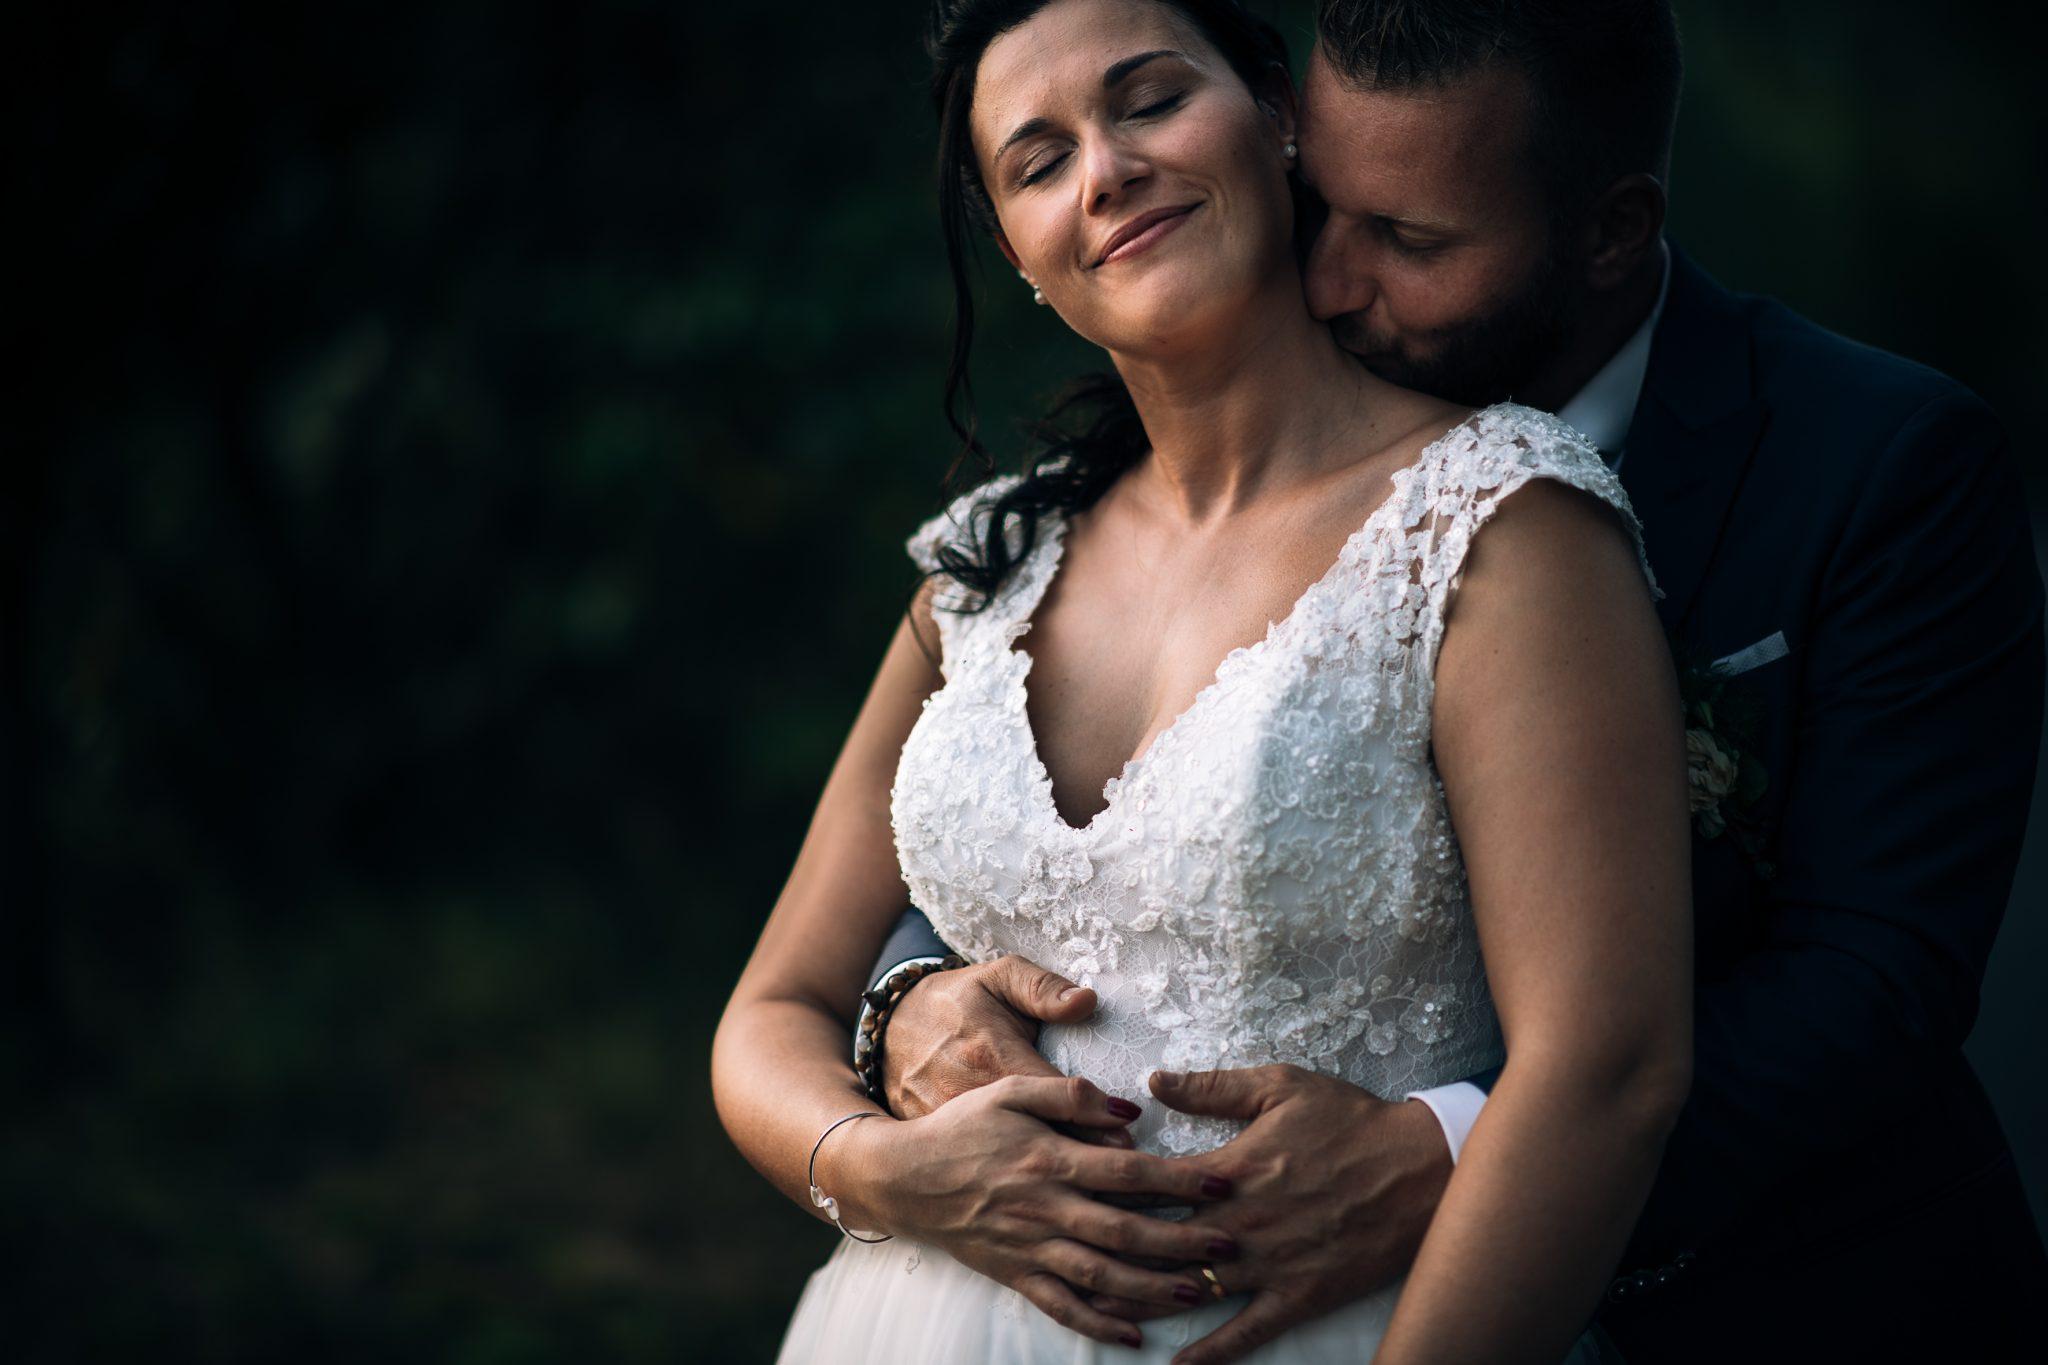 lo sposo abbraccia la sposa mentre le da un bacio sul collo al matrimonio